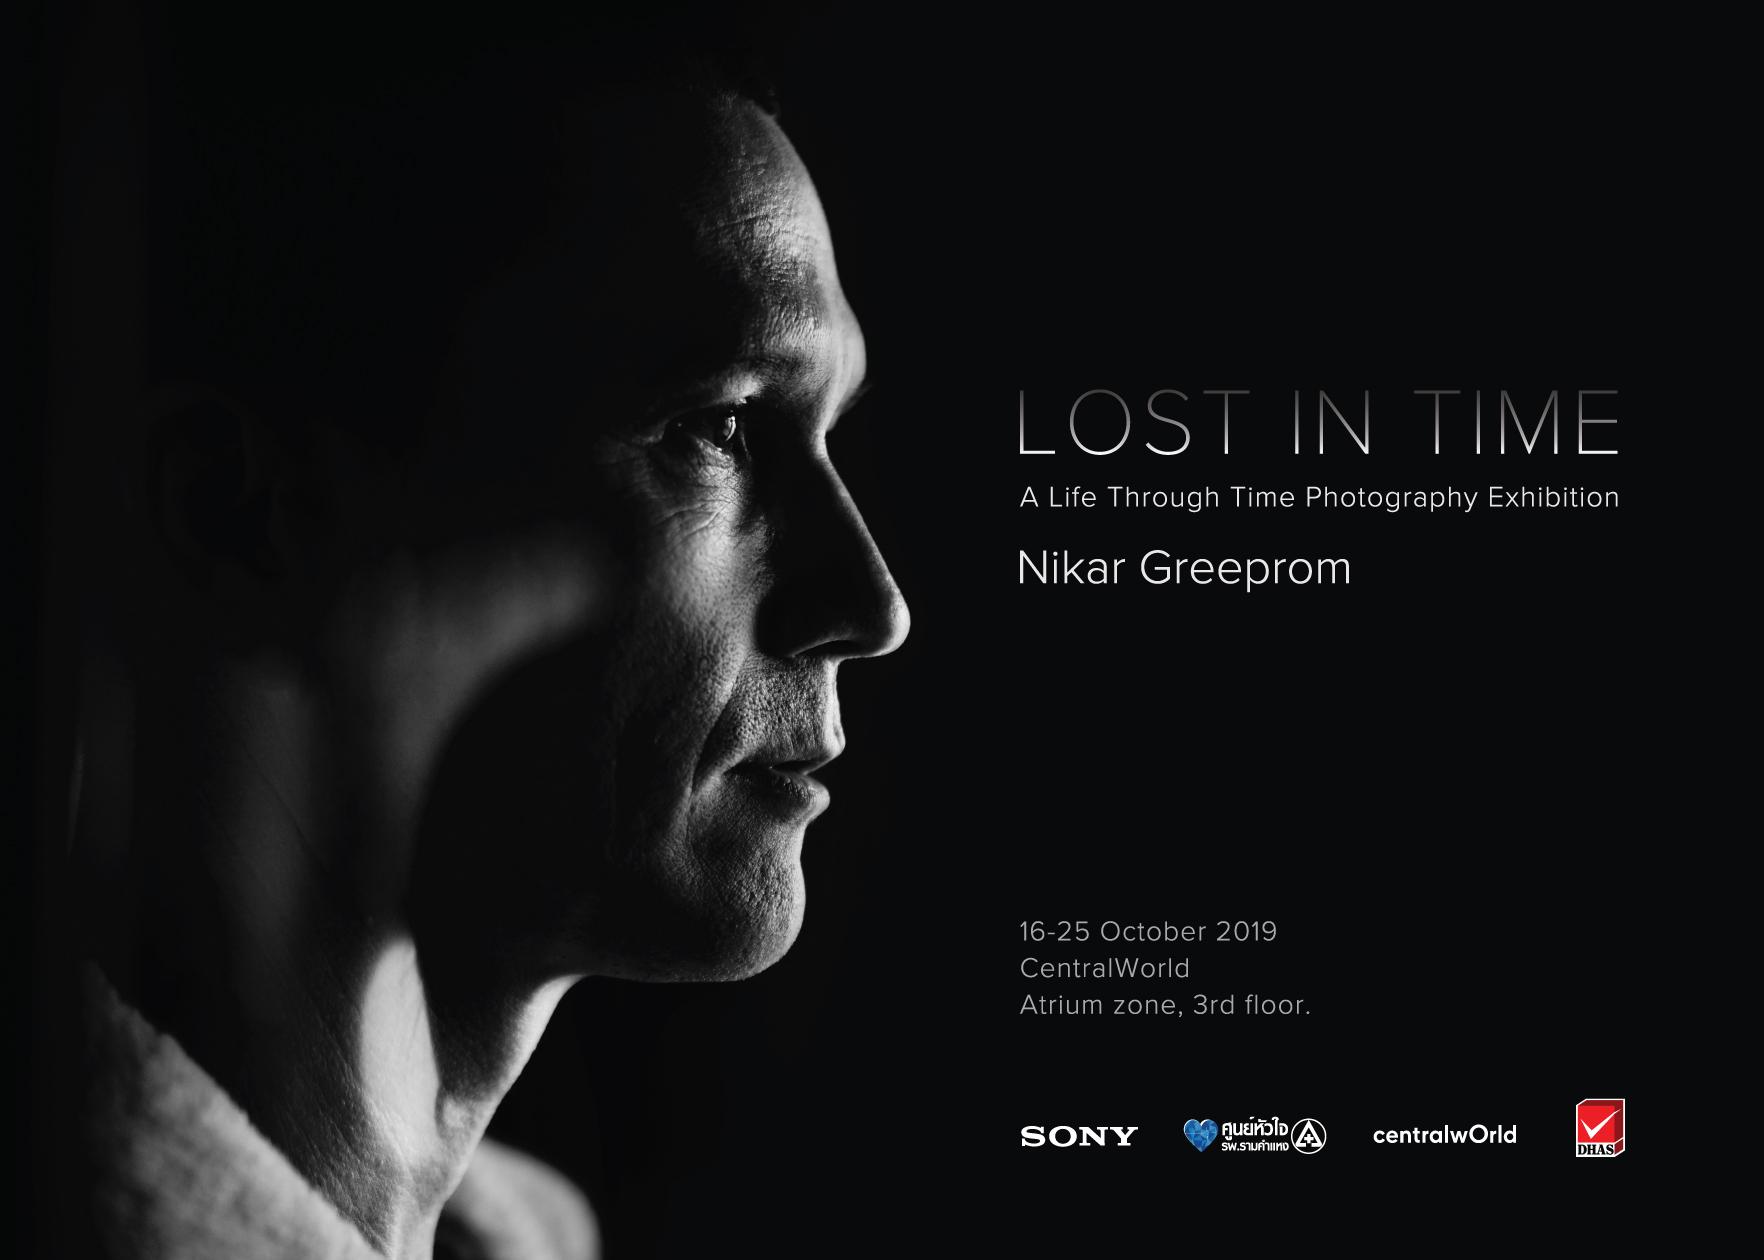 """โซนี่ไทยร่วมสนับสนุนนิทรรศการภาพถ่าย """"Lost In Time"""" โดยณิการ์ กรีพร้อม"""